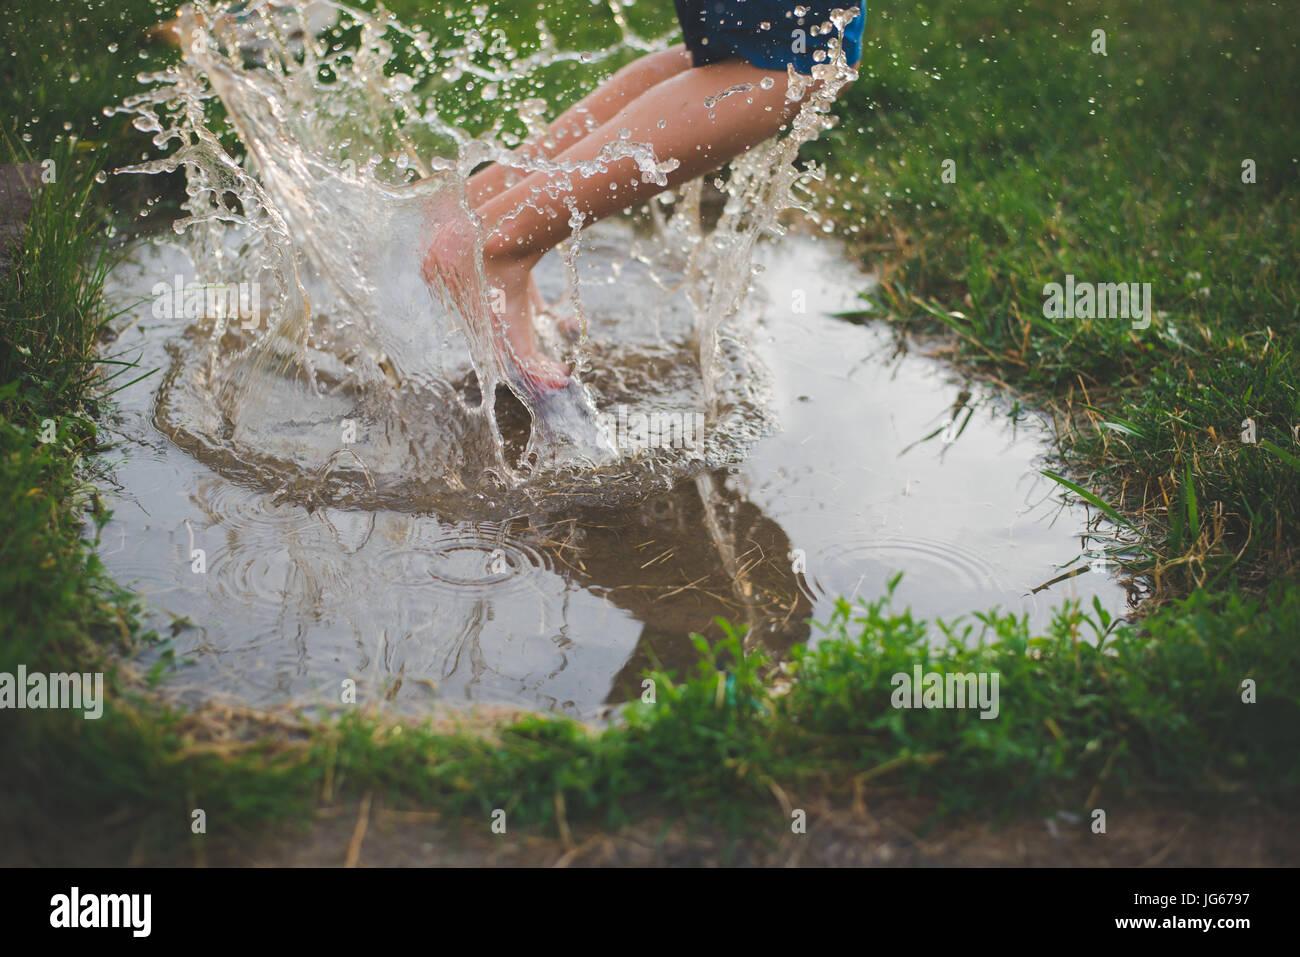 Un enfant saute dans une flaque de boue avec les éclaboussures d'eau autour de ses pieds. Photo Stock